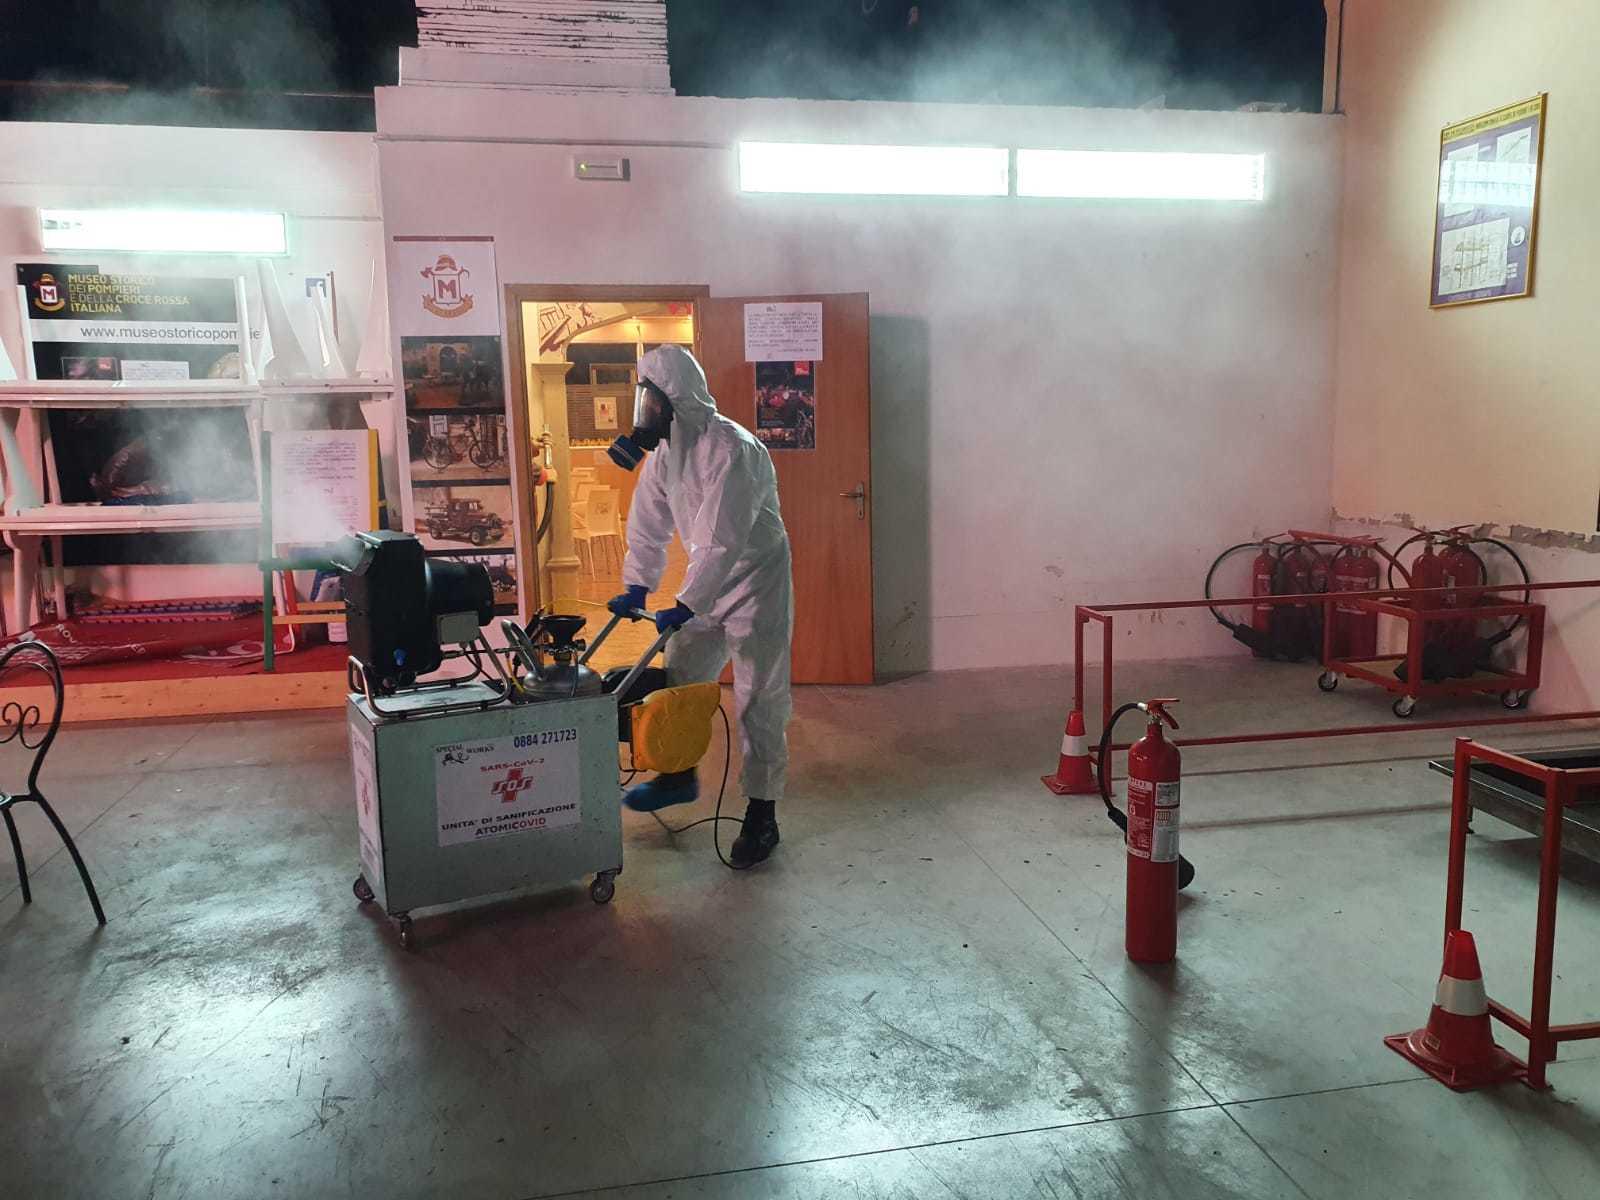 Macchina ATOMICOVID Nebulizzatore Atomizzatore per Sanificazione Covid